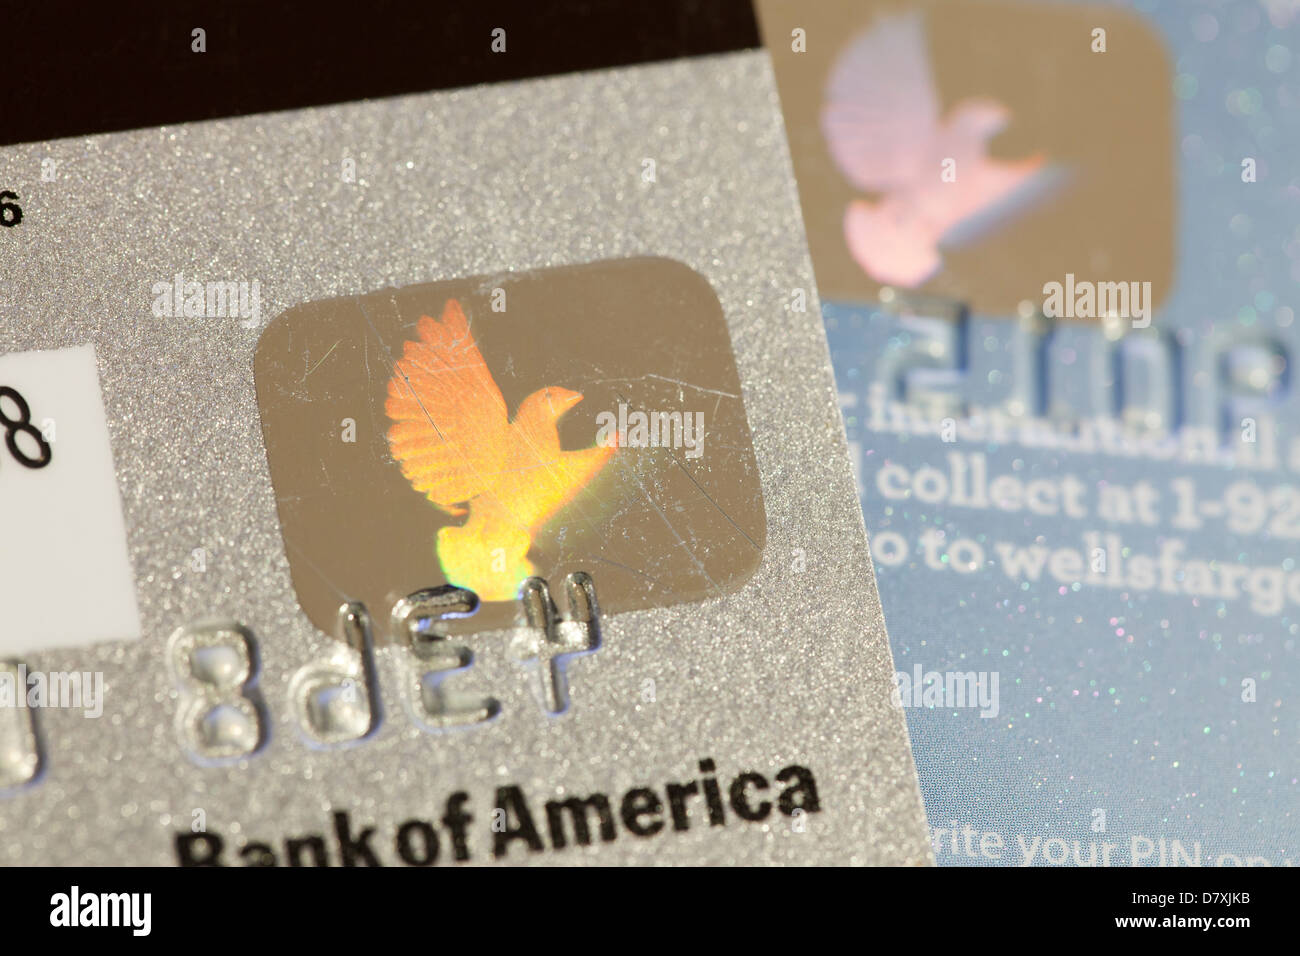 Kreditkarte Sicherheitshologramm Stockfoto